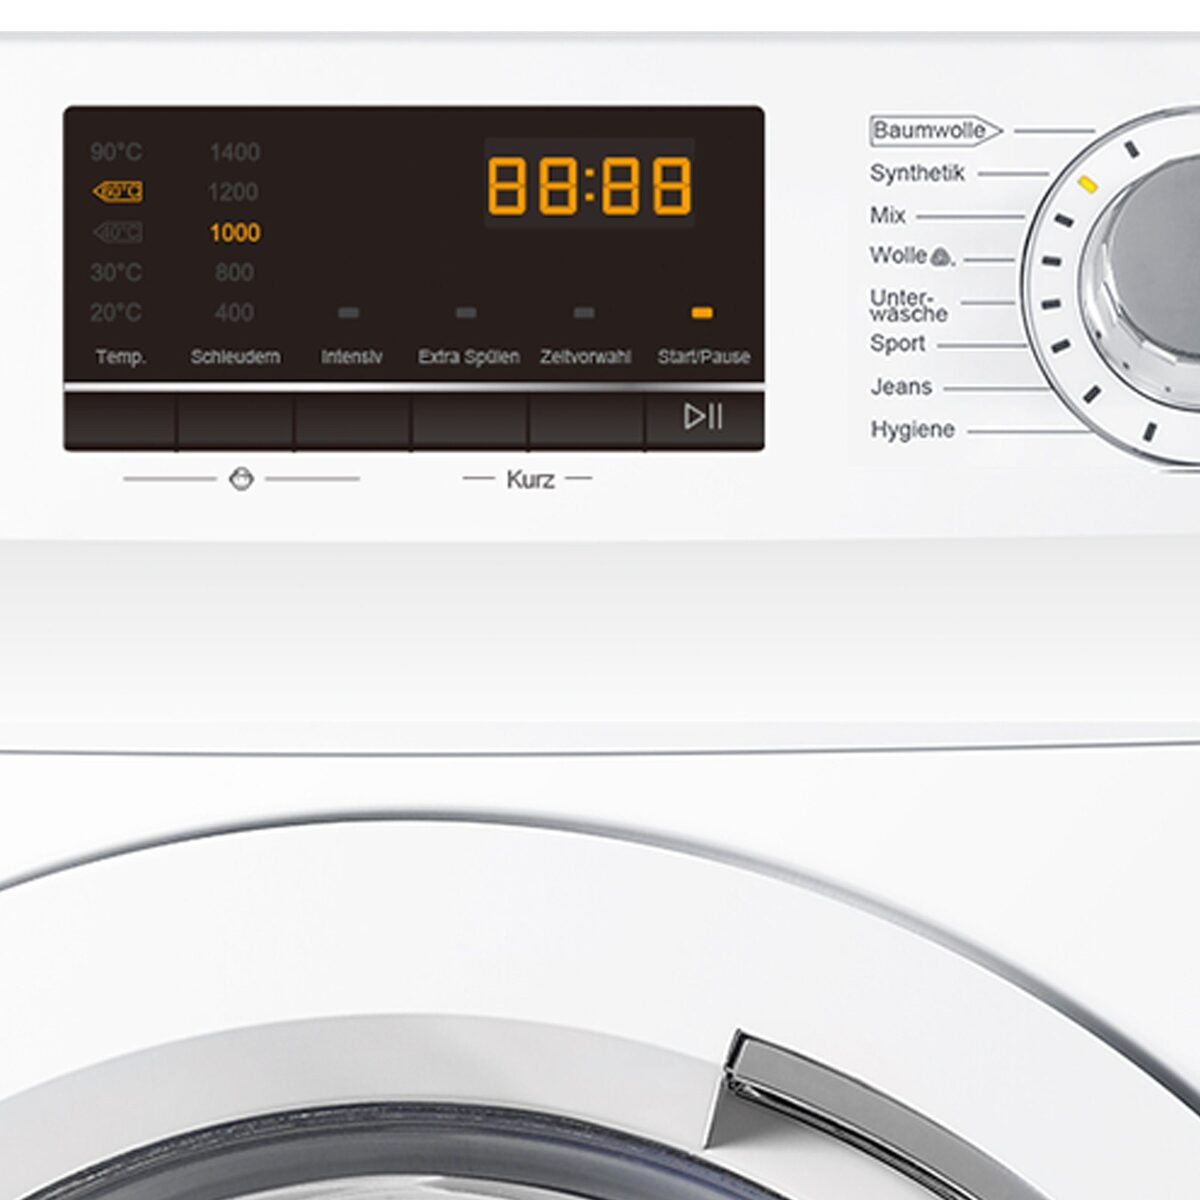 Bild 3 von Haier Waschmaschine HW100-14636, 10 kg, 1400 U/Min, AquaProtect Schlauch Woolmark-zertifiziertes Wollwaschprogramm